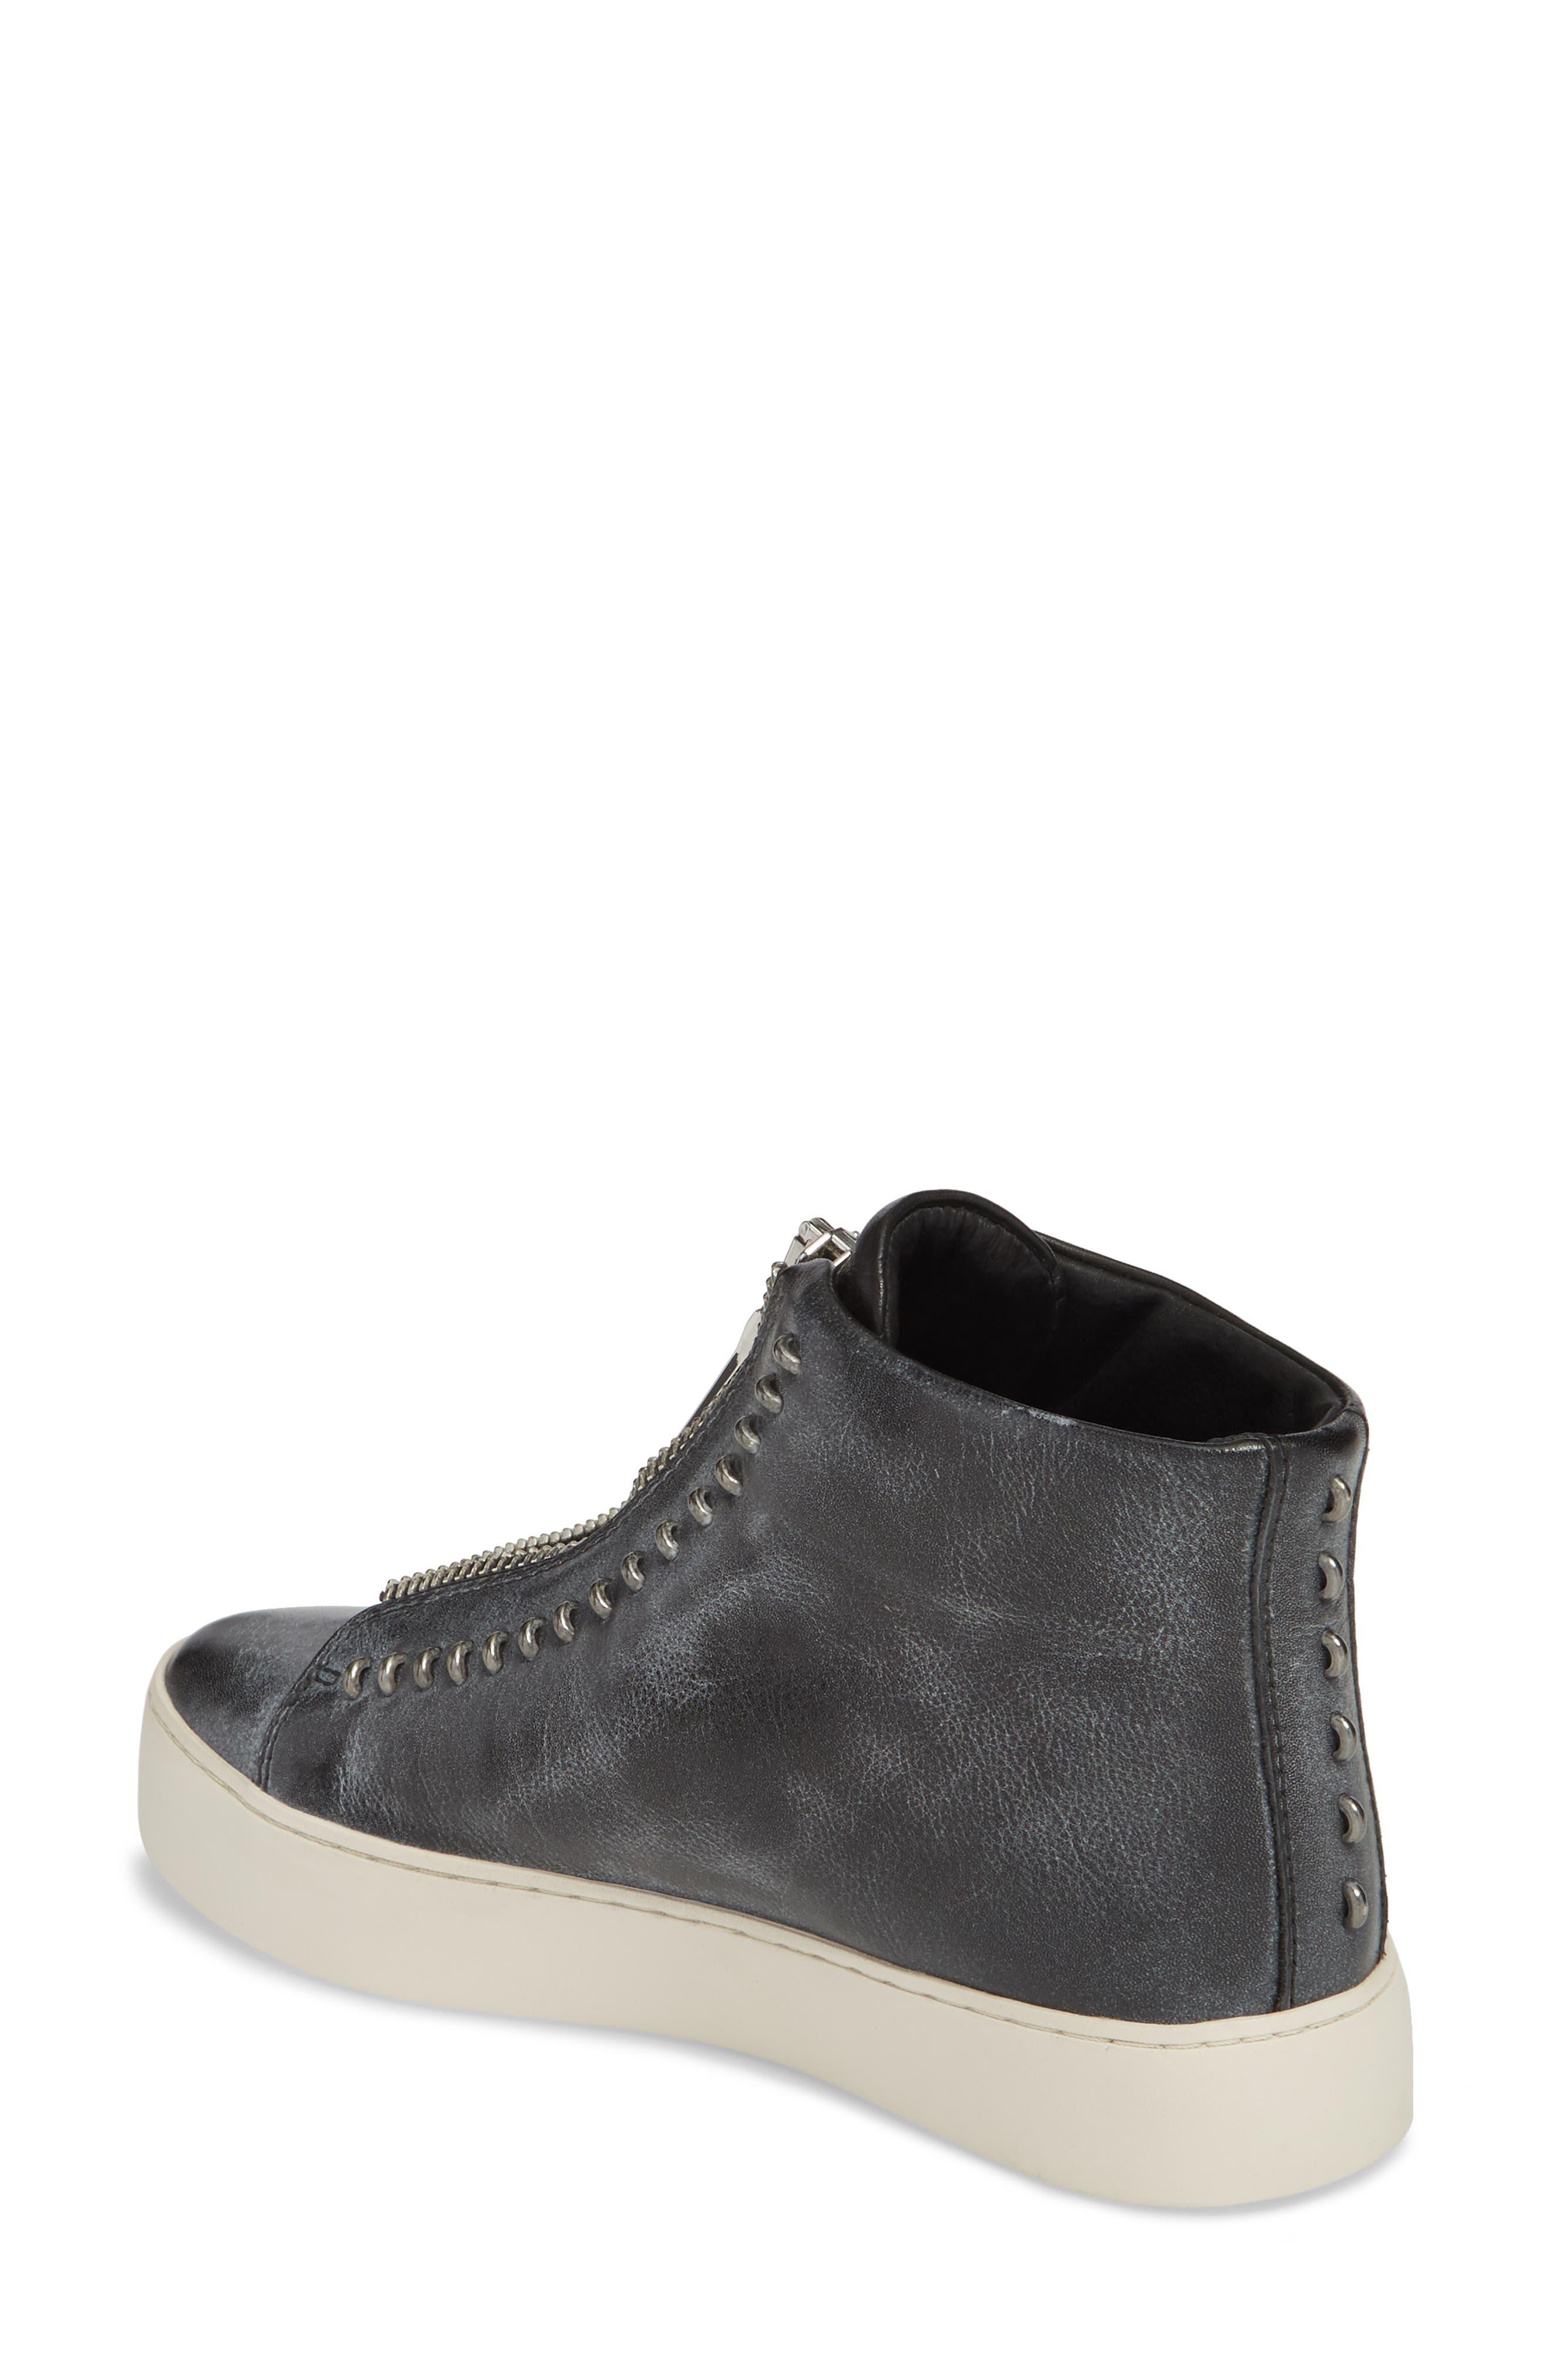 Lena Rebel Zip High Top Sneaker,                             Alternate thumbnail 2, color,                             BLACK